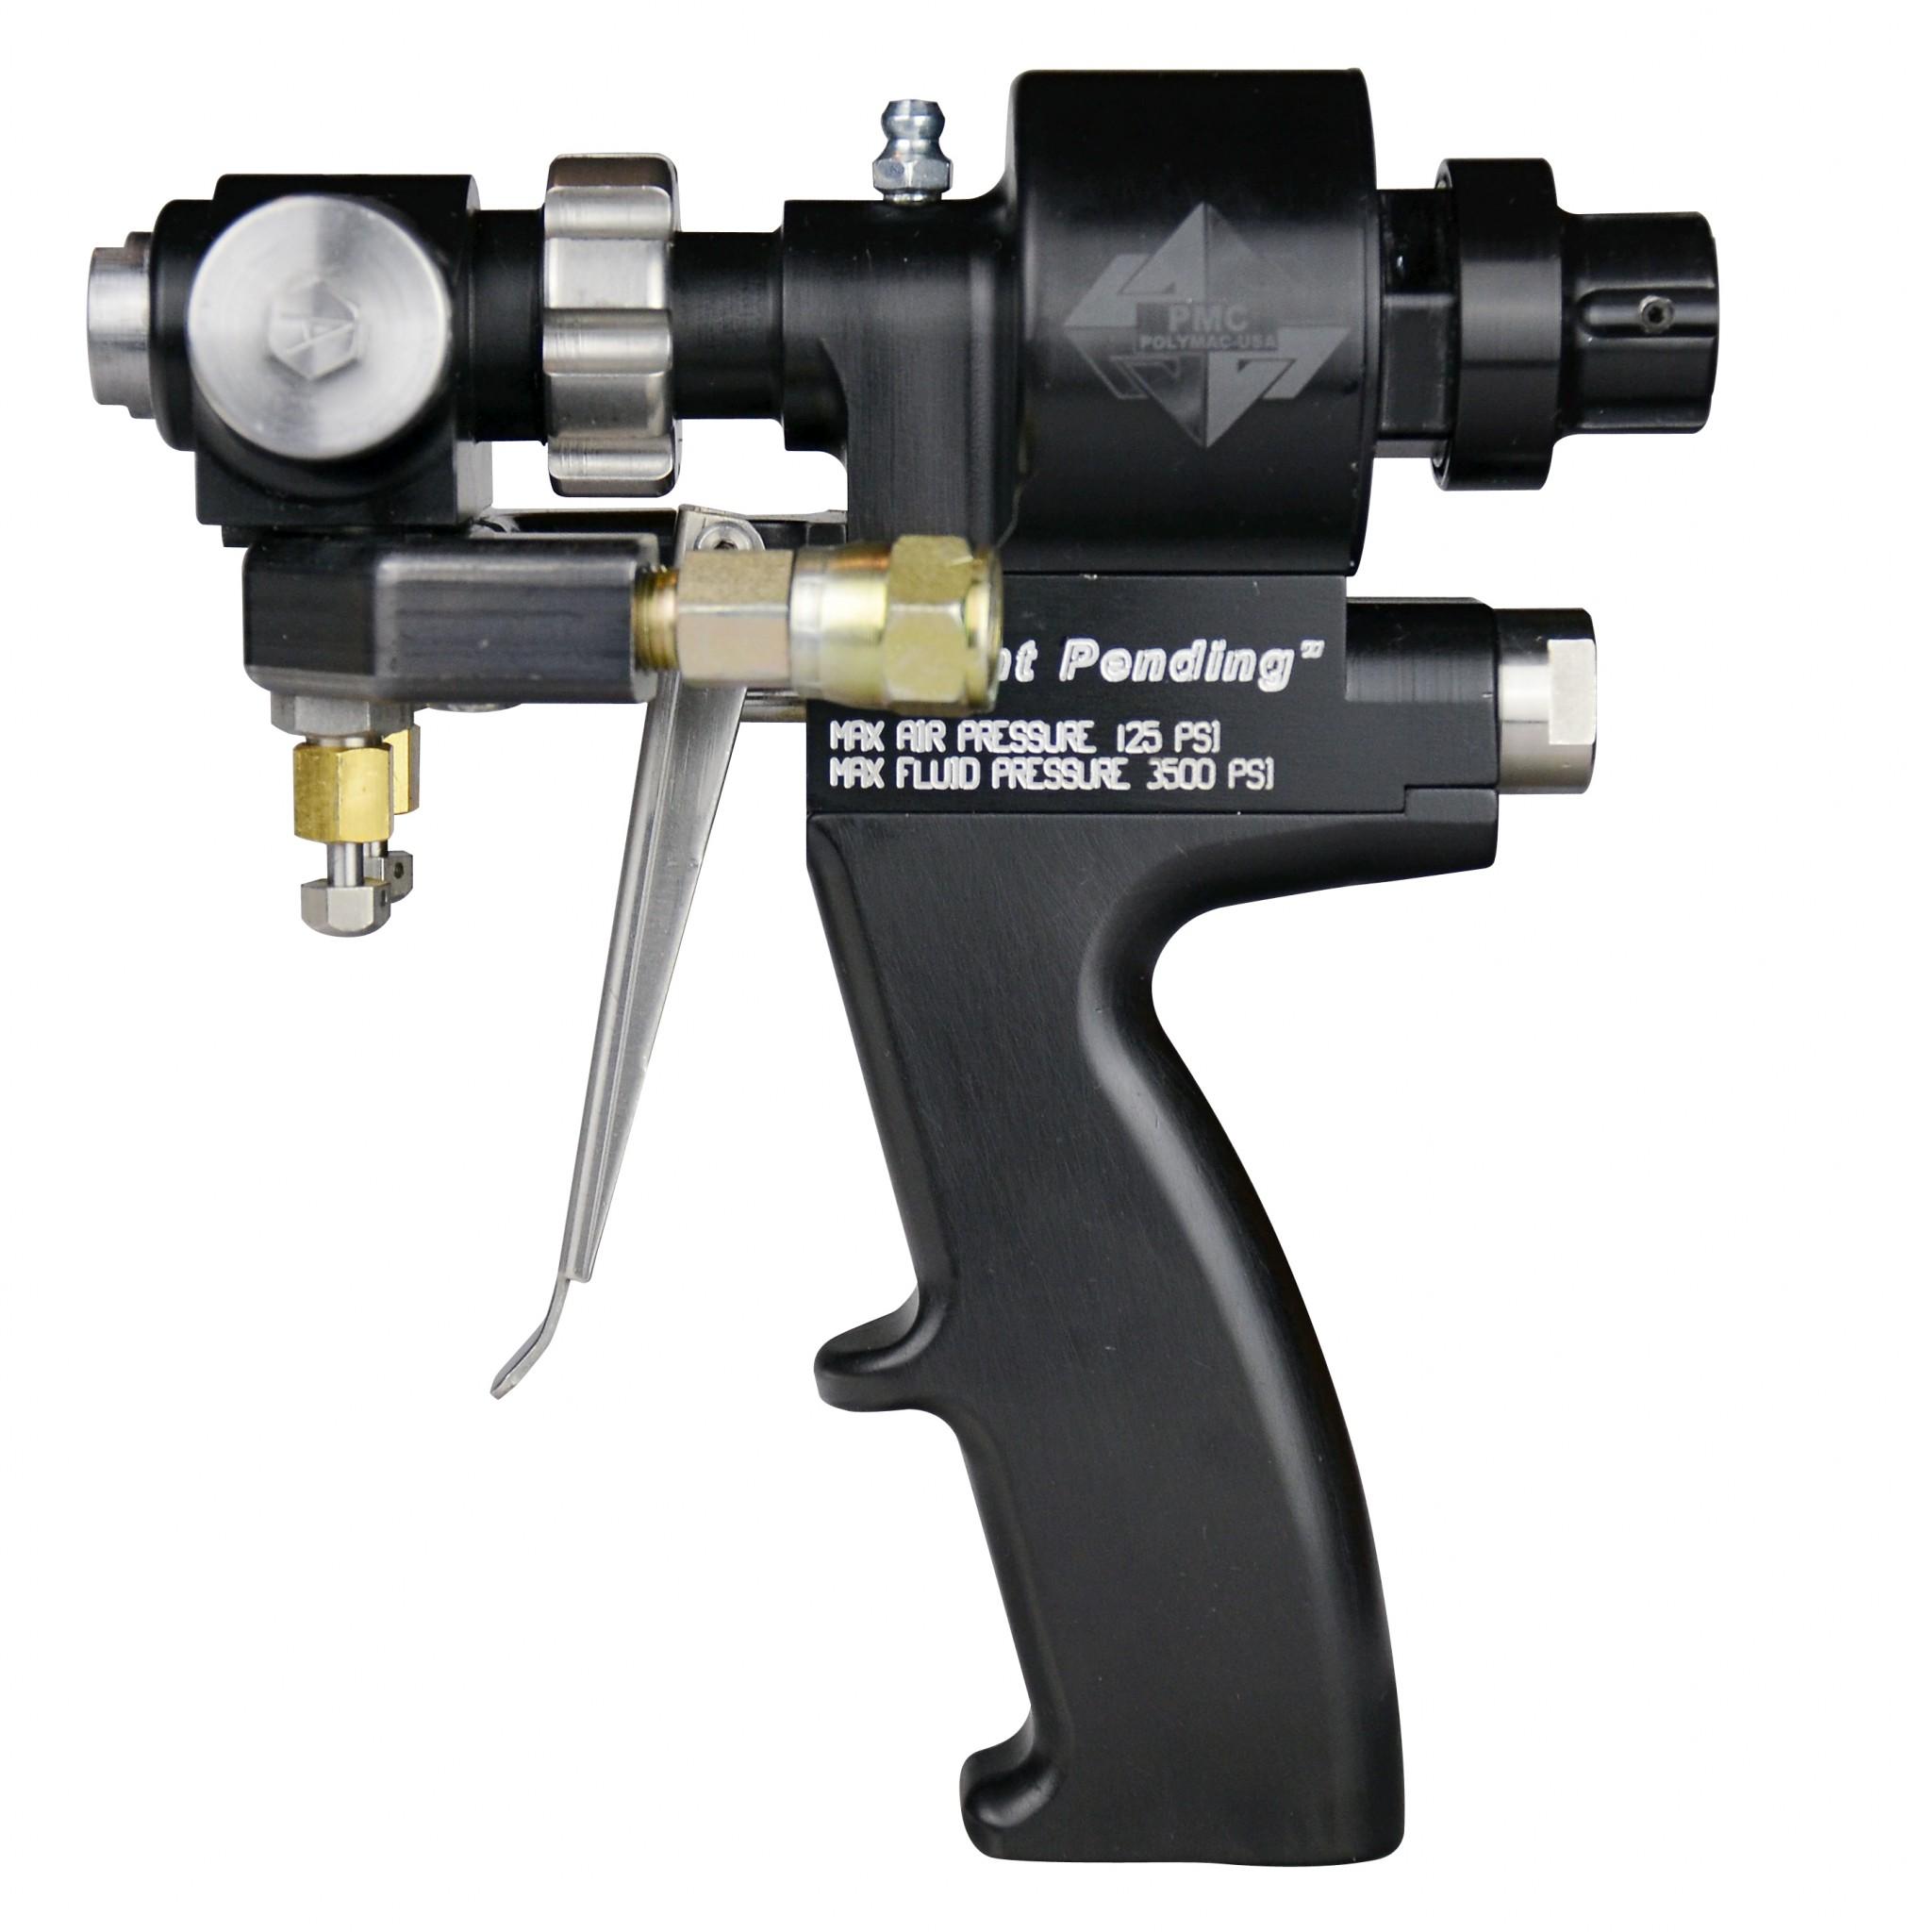 AP-2 Gun Series 1 Side View